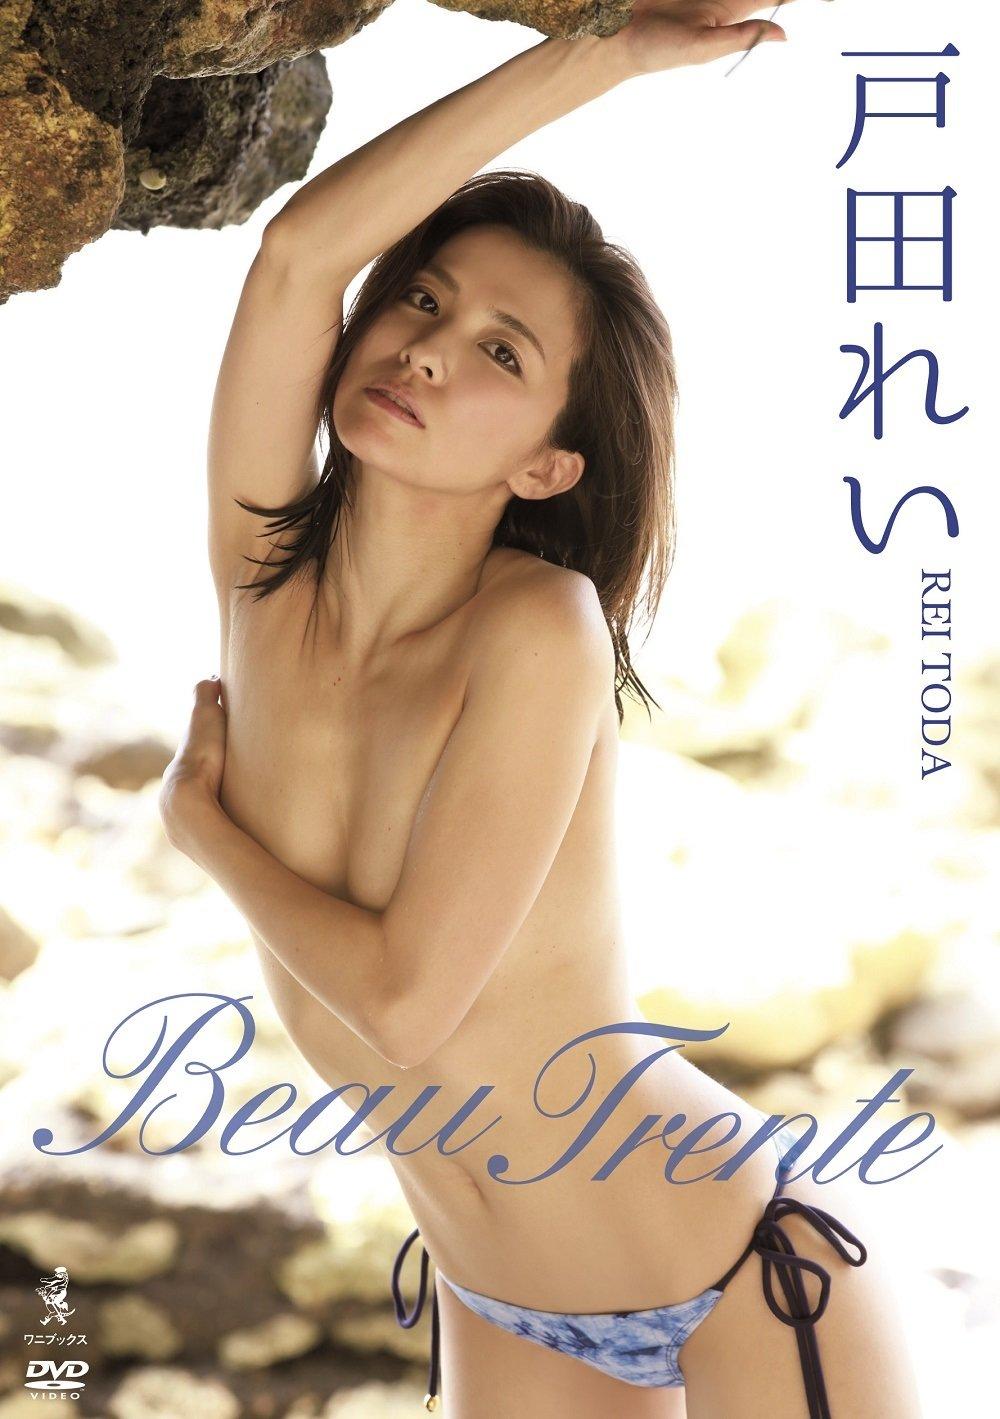 戸田れい DVD ≪BEAU TRENTE≫ (発売日 2017/06/10)